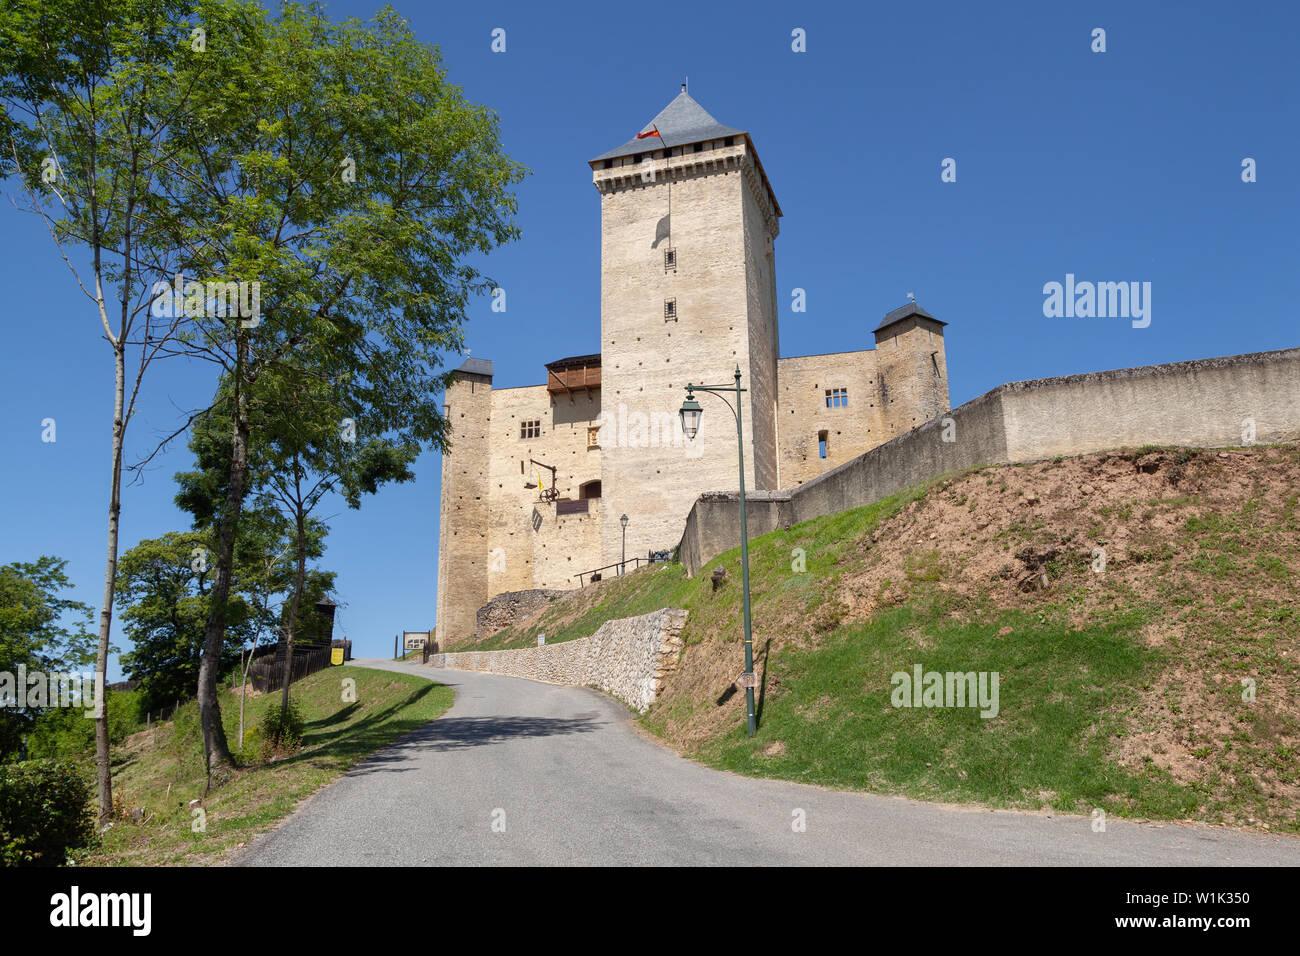 View of 14th century Mauvezin Castle (Chateau de Mauvezin) in Hautes-Pyrenees, France Stock Photo